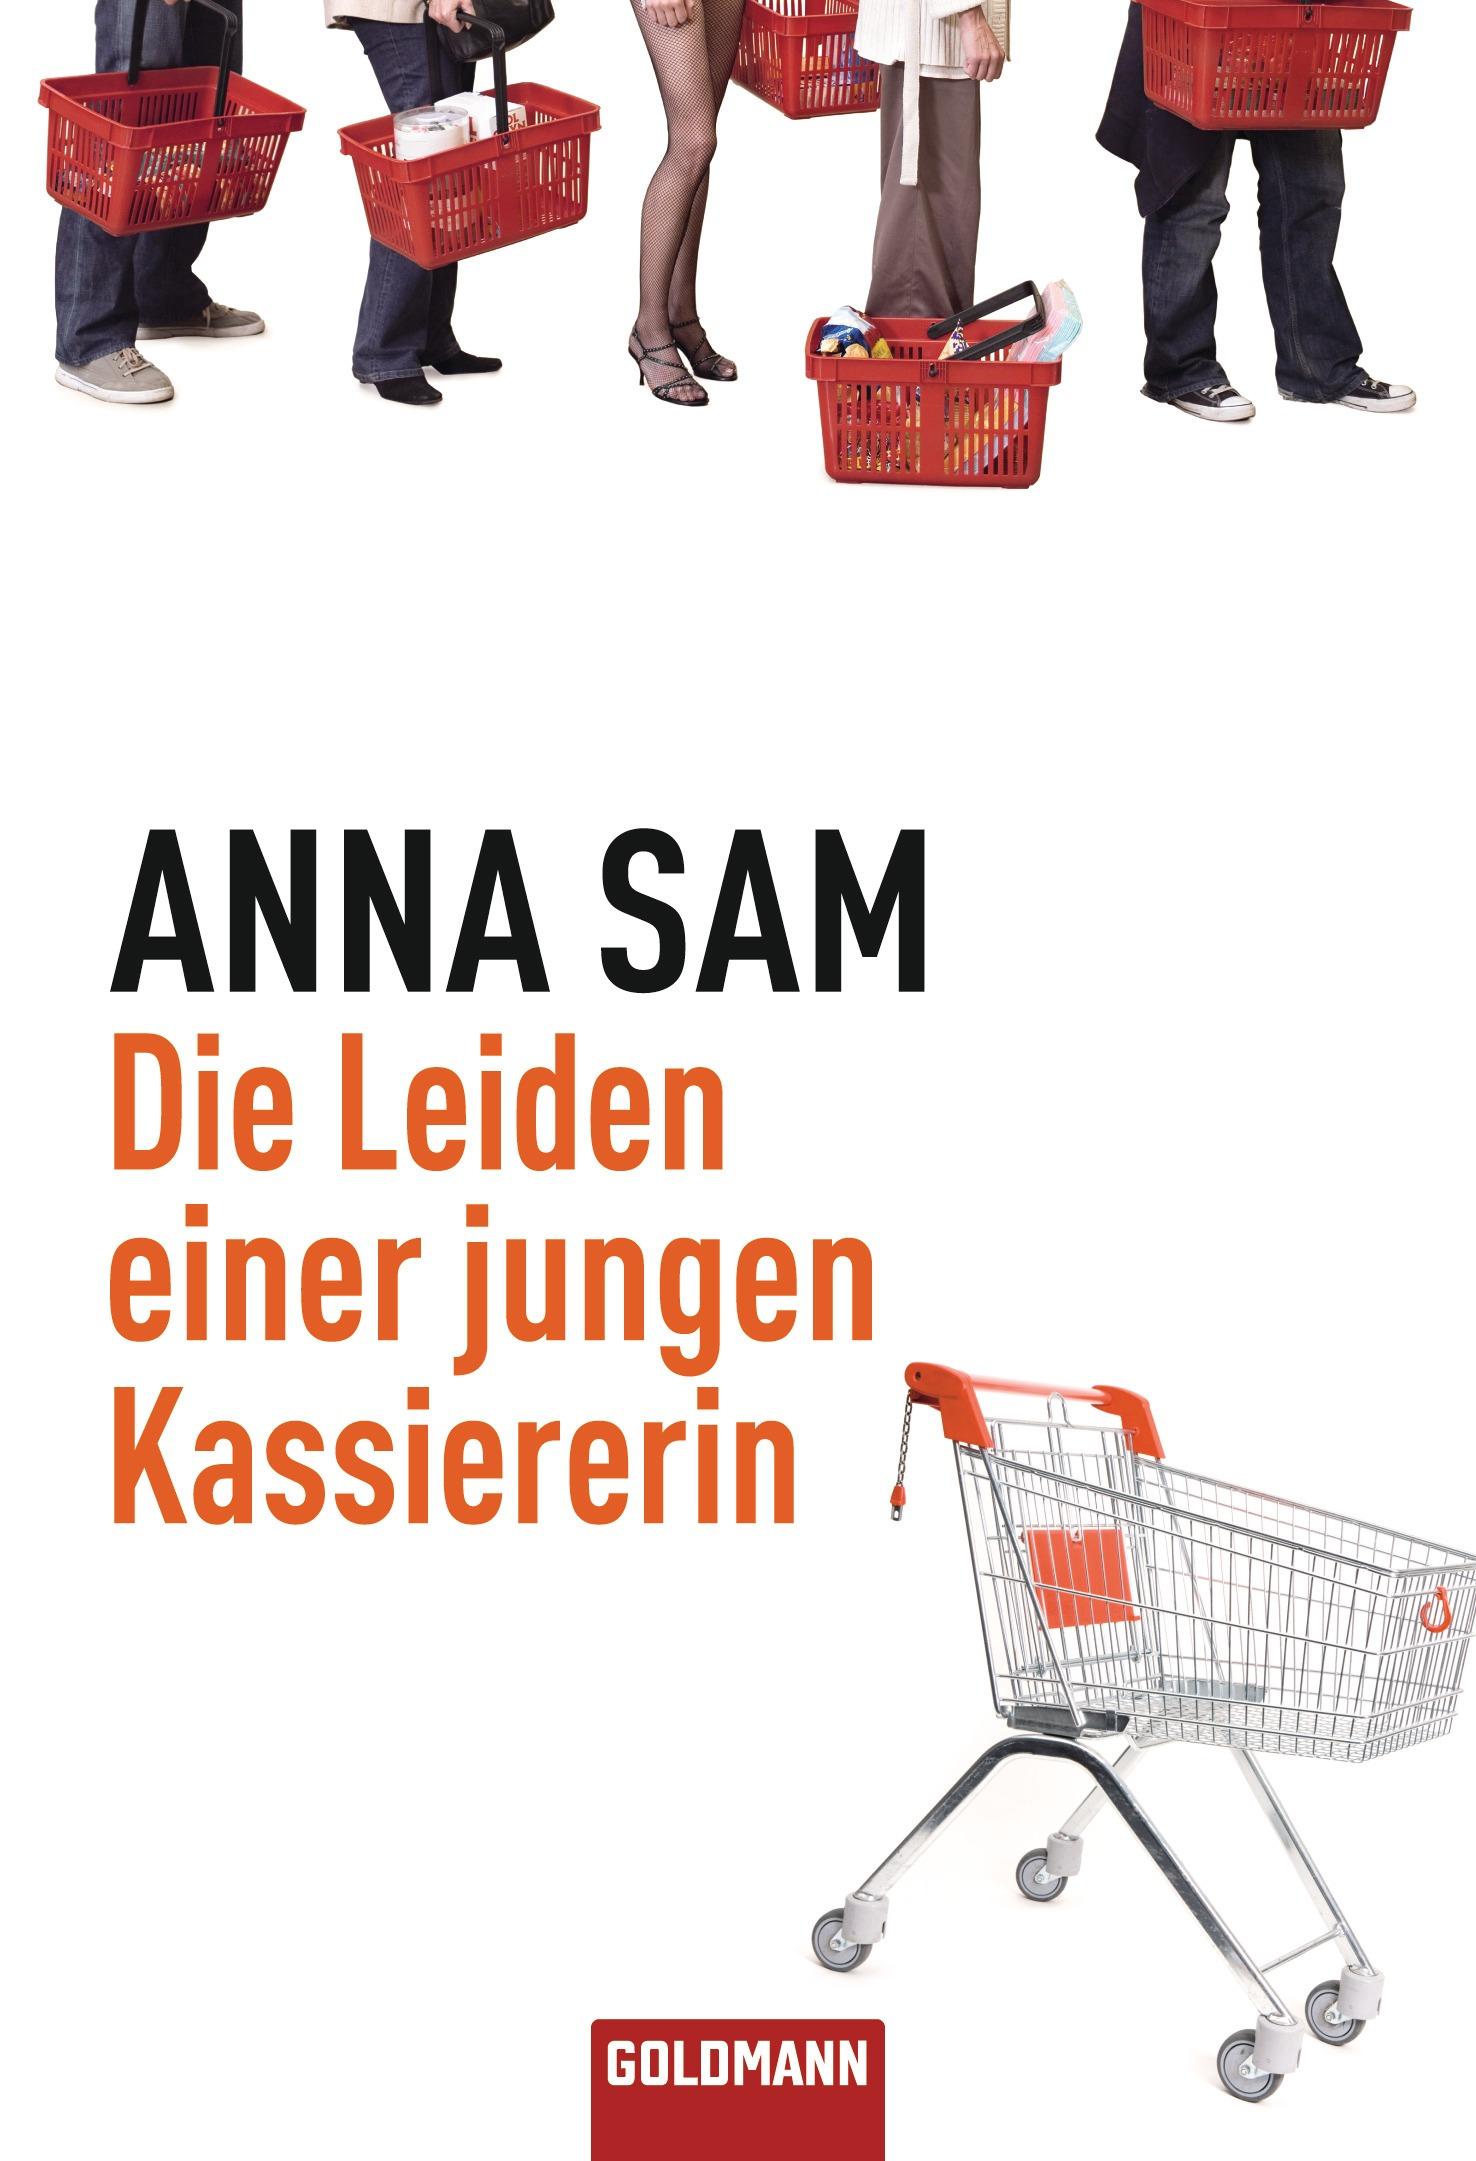 Die Leiden einer jungen Kassiererin von Anna Sam